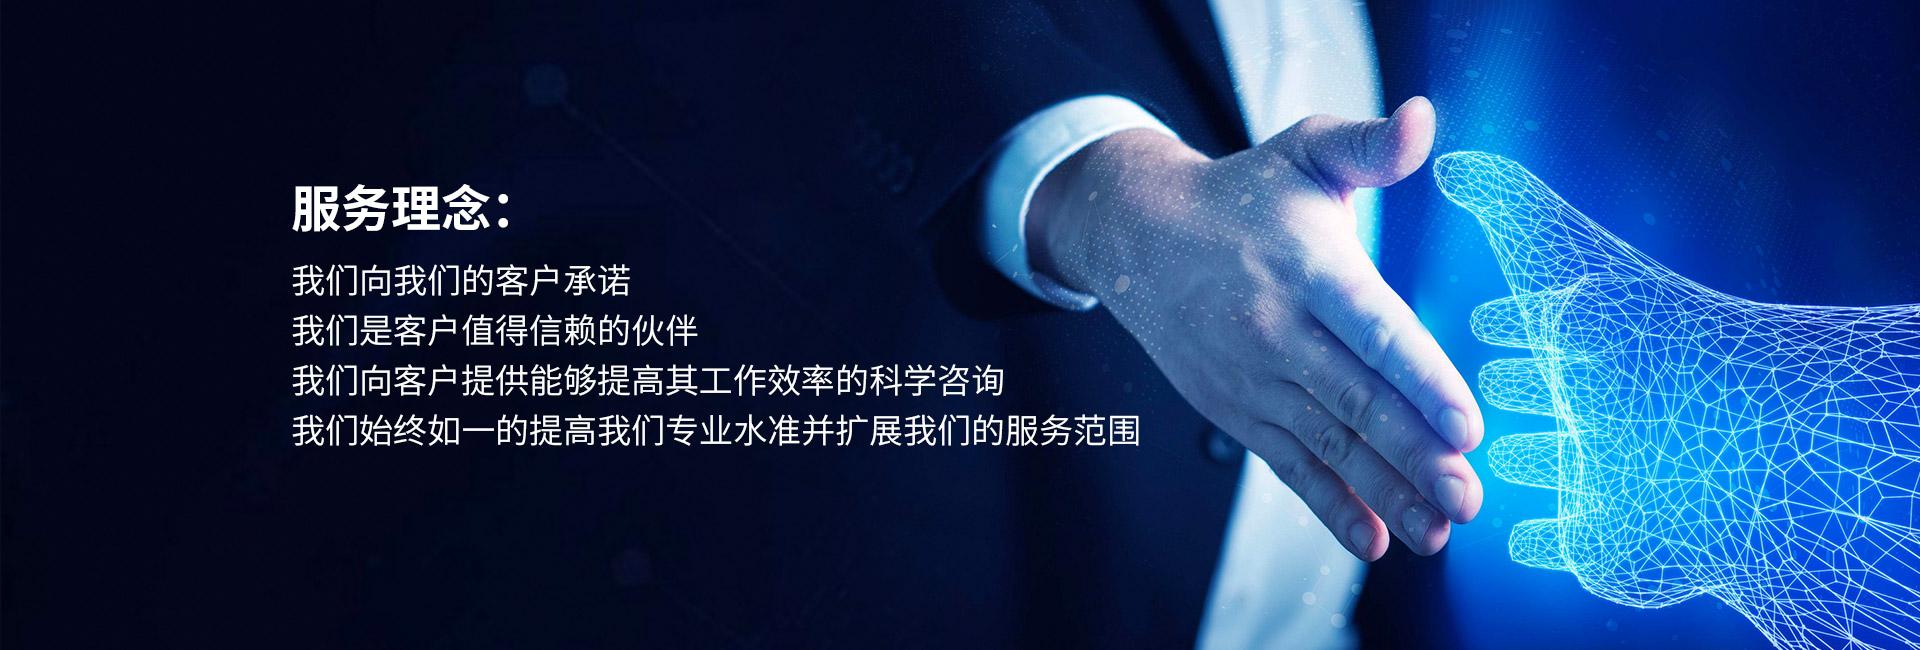 苏州开浩电子科技有限公司